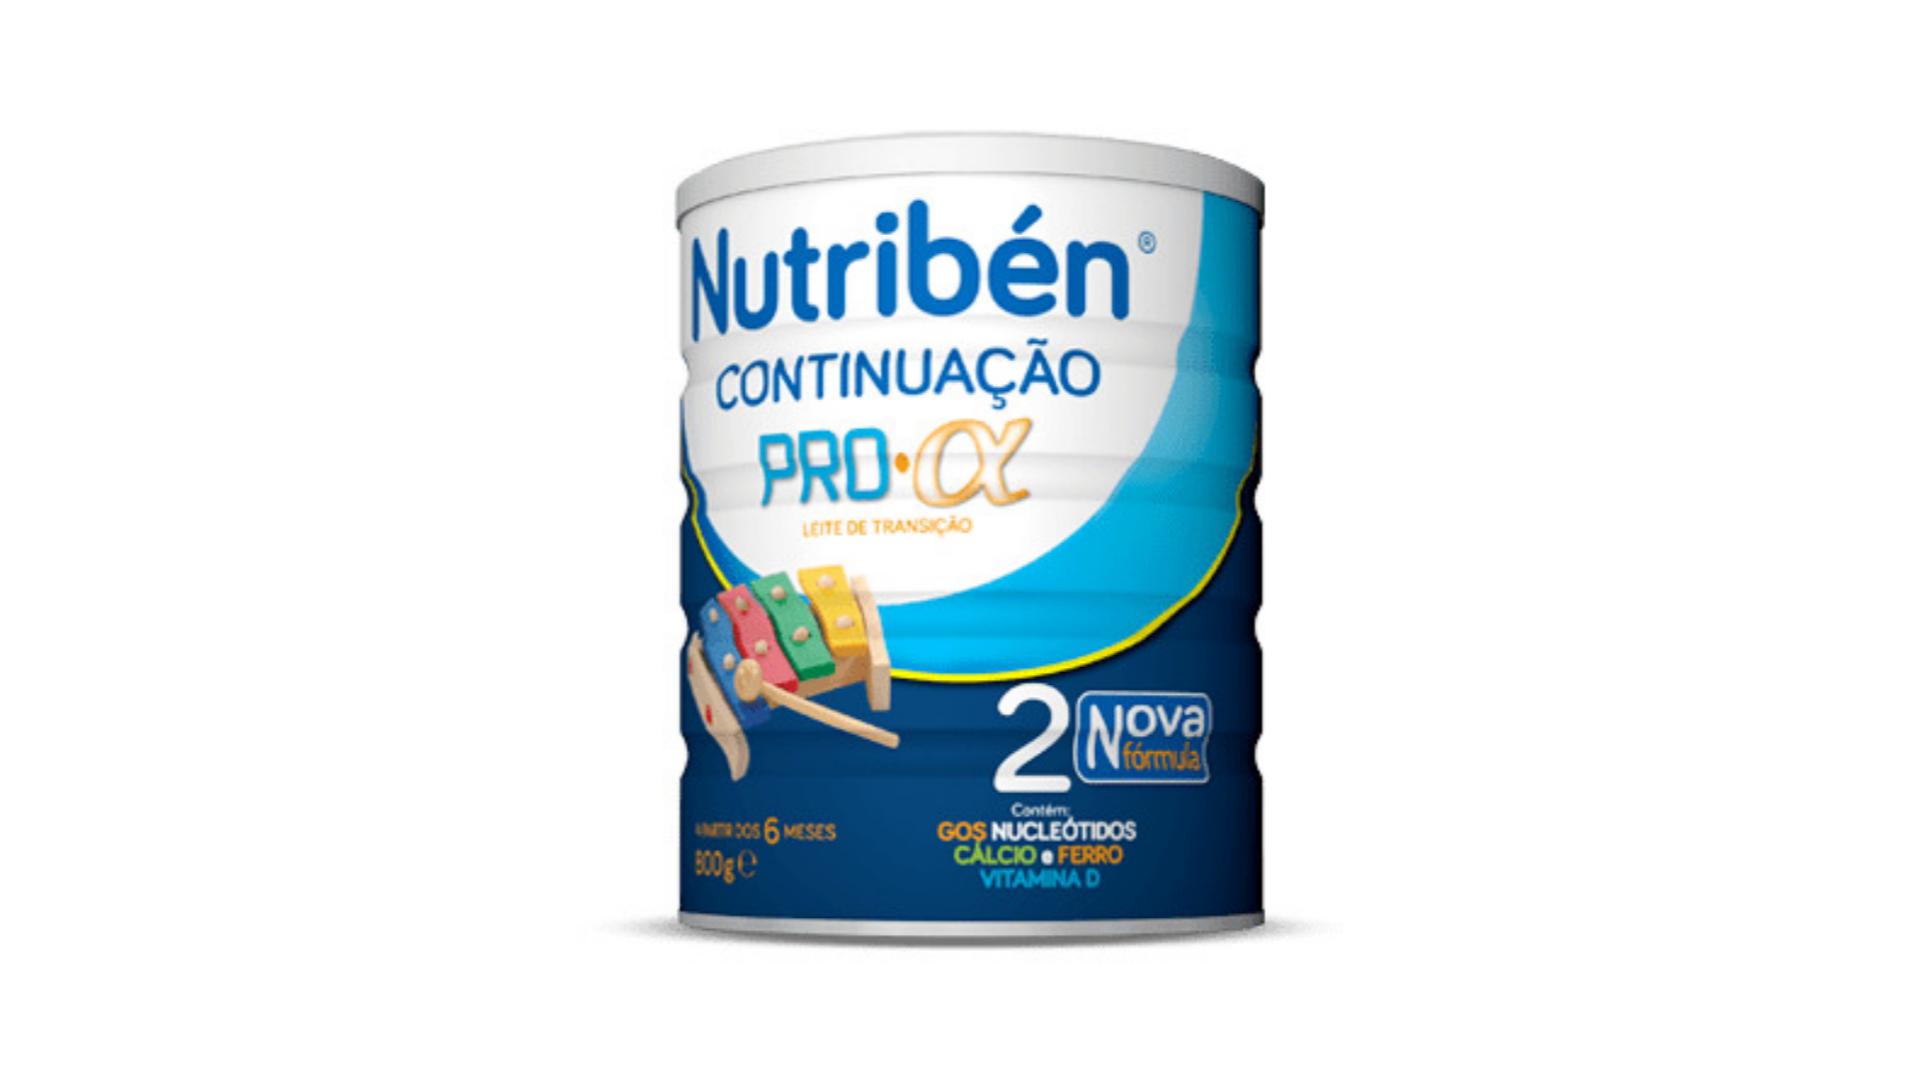 Nutribén | Continuação 2 PRO-ɑ 800g